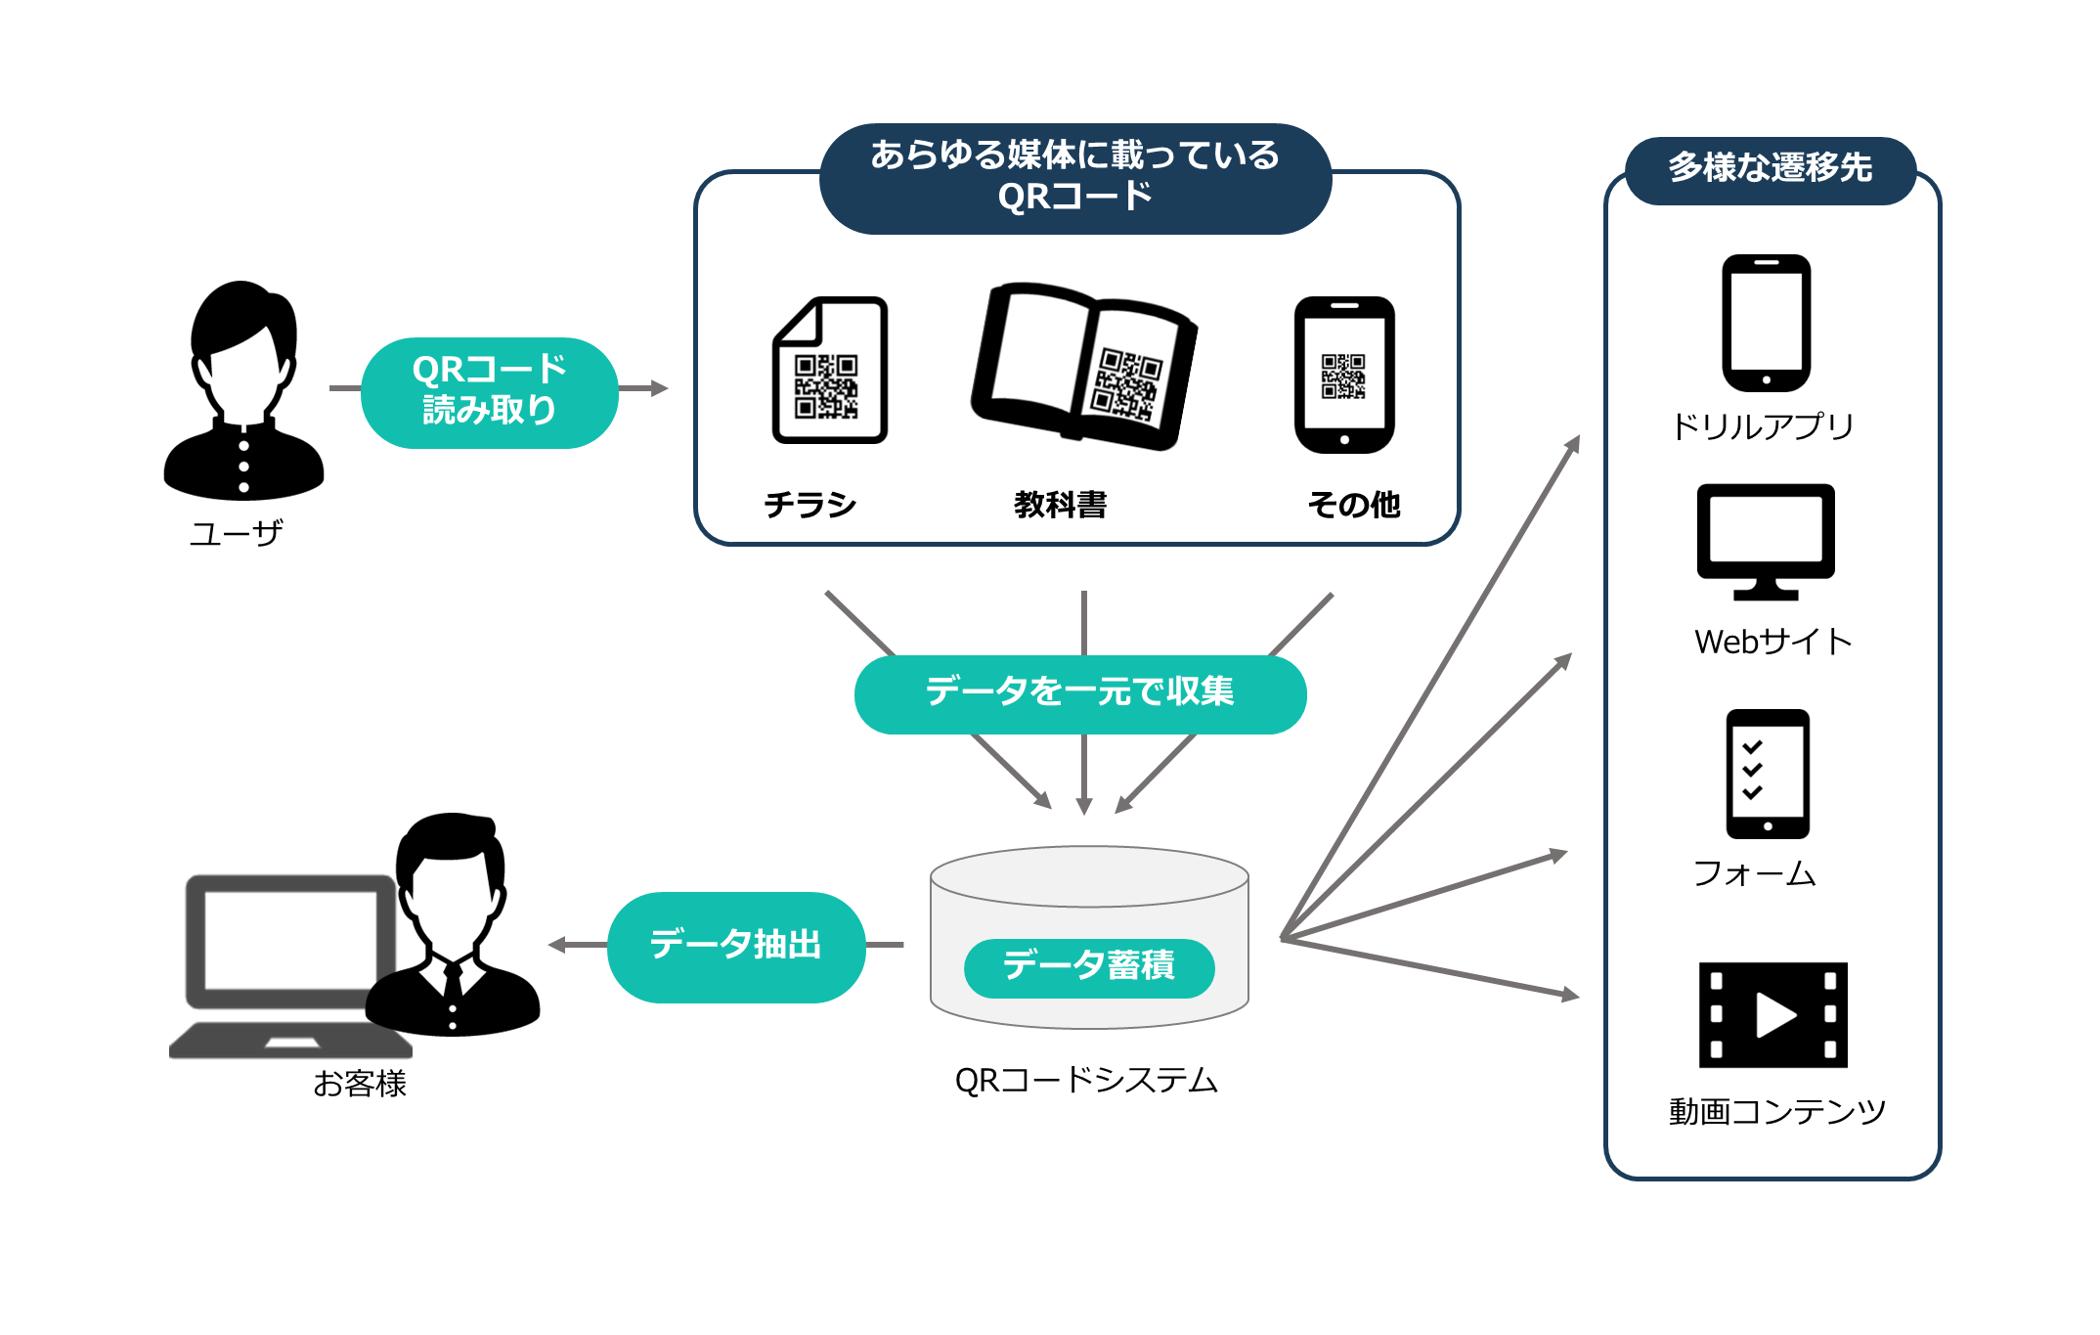 QRコード活用概念図